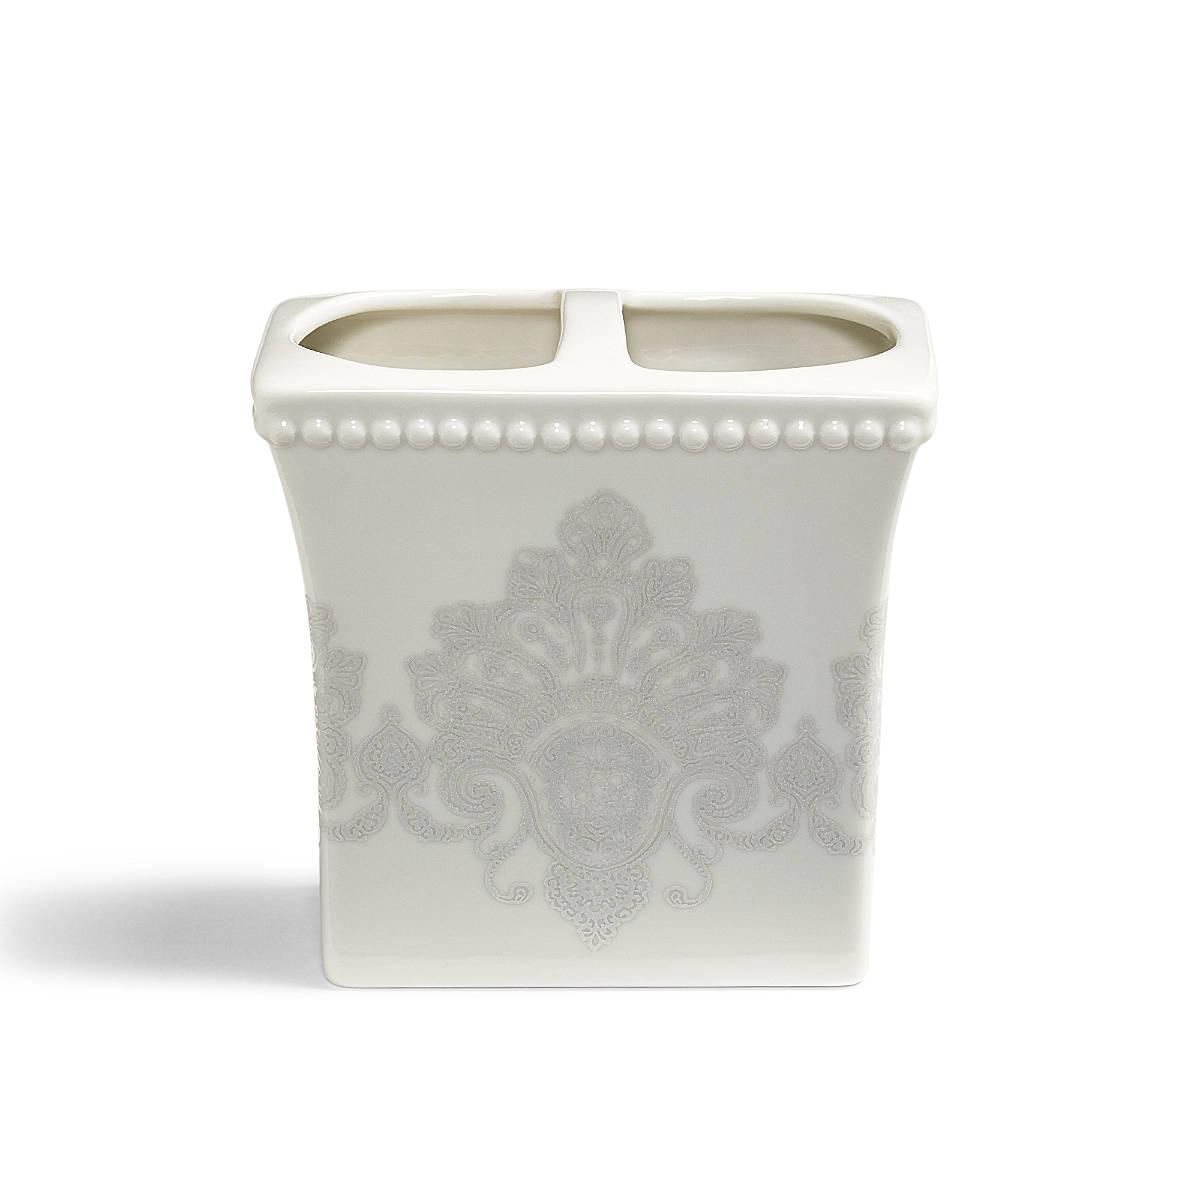 Стакан для ванной комнаты Kassatex Rialto, ARL-TBH, белыйARL-TBHДобавив в интерьер ванной комнаты несколько стильных вещей, можно полностью преобразить ее облик и обновить дизайн. Эта коллекция для ванной изобилует разнообразными аксессуарами, которые способны создать новый образ или освежить старый. В любом случае, с ними ваше пространство засияет новыми красками. Строгие и одновременно изящные линии, тонкое чувство стиля, отменное качество исполнения рождает продукты, которые выдержат испытание временем.